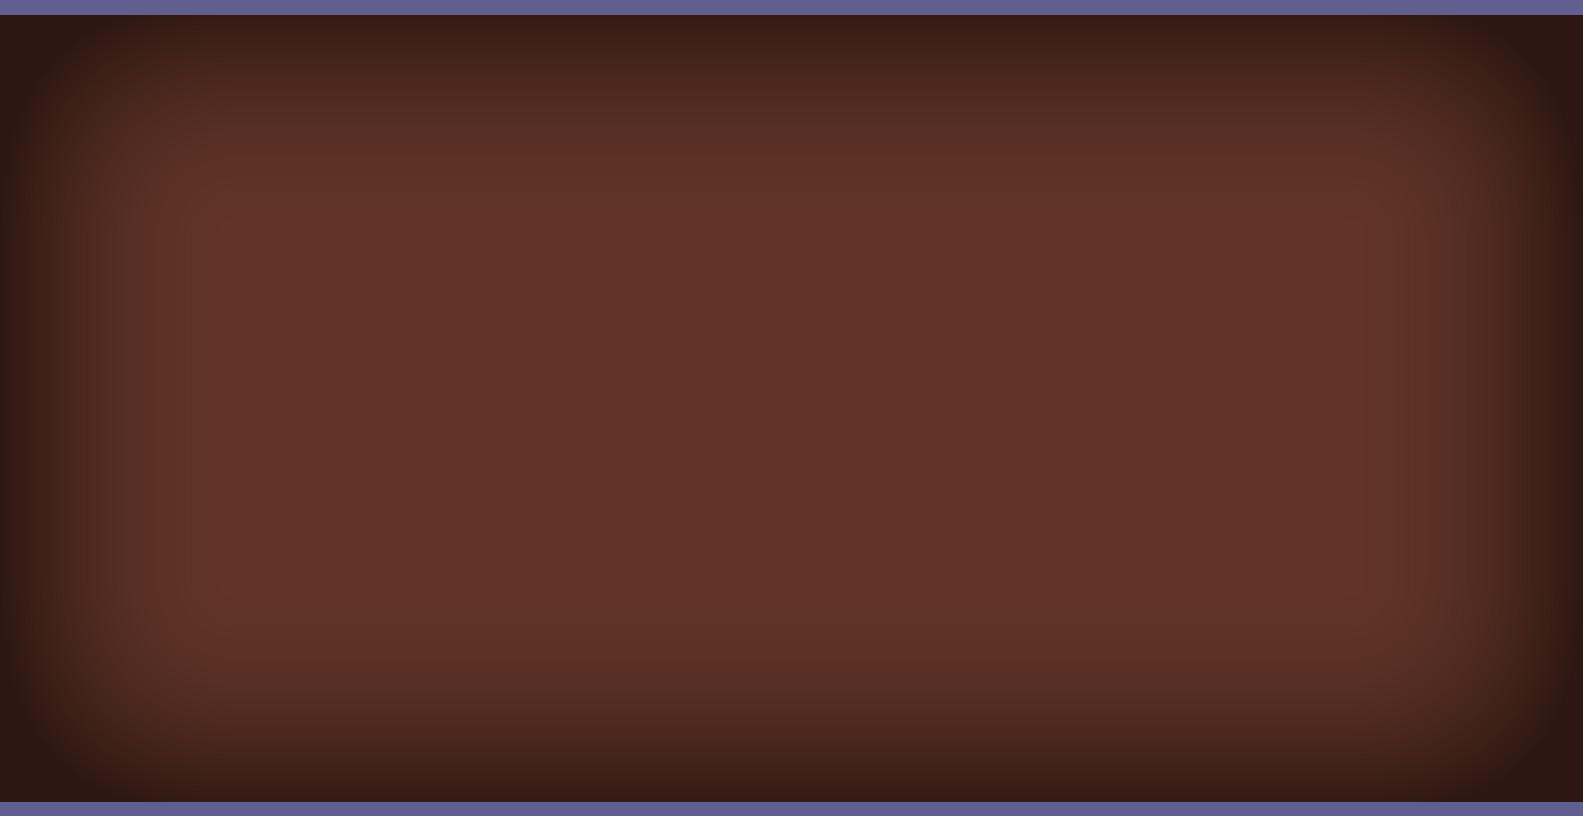 Chocolate Brown Wallpaper 5 Widescreen Wallpaper 1583x816